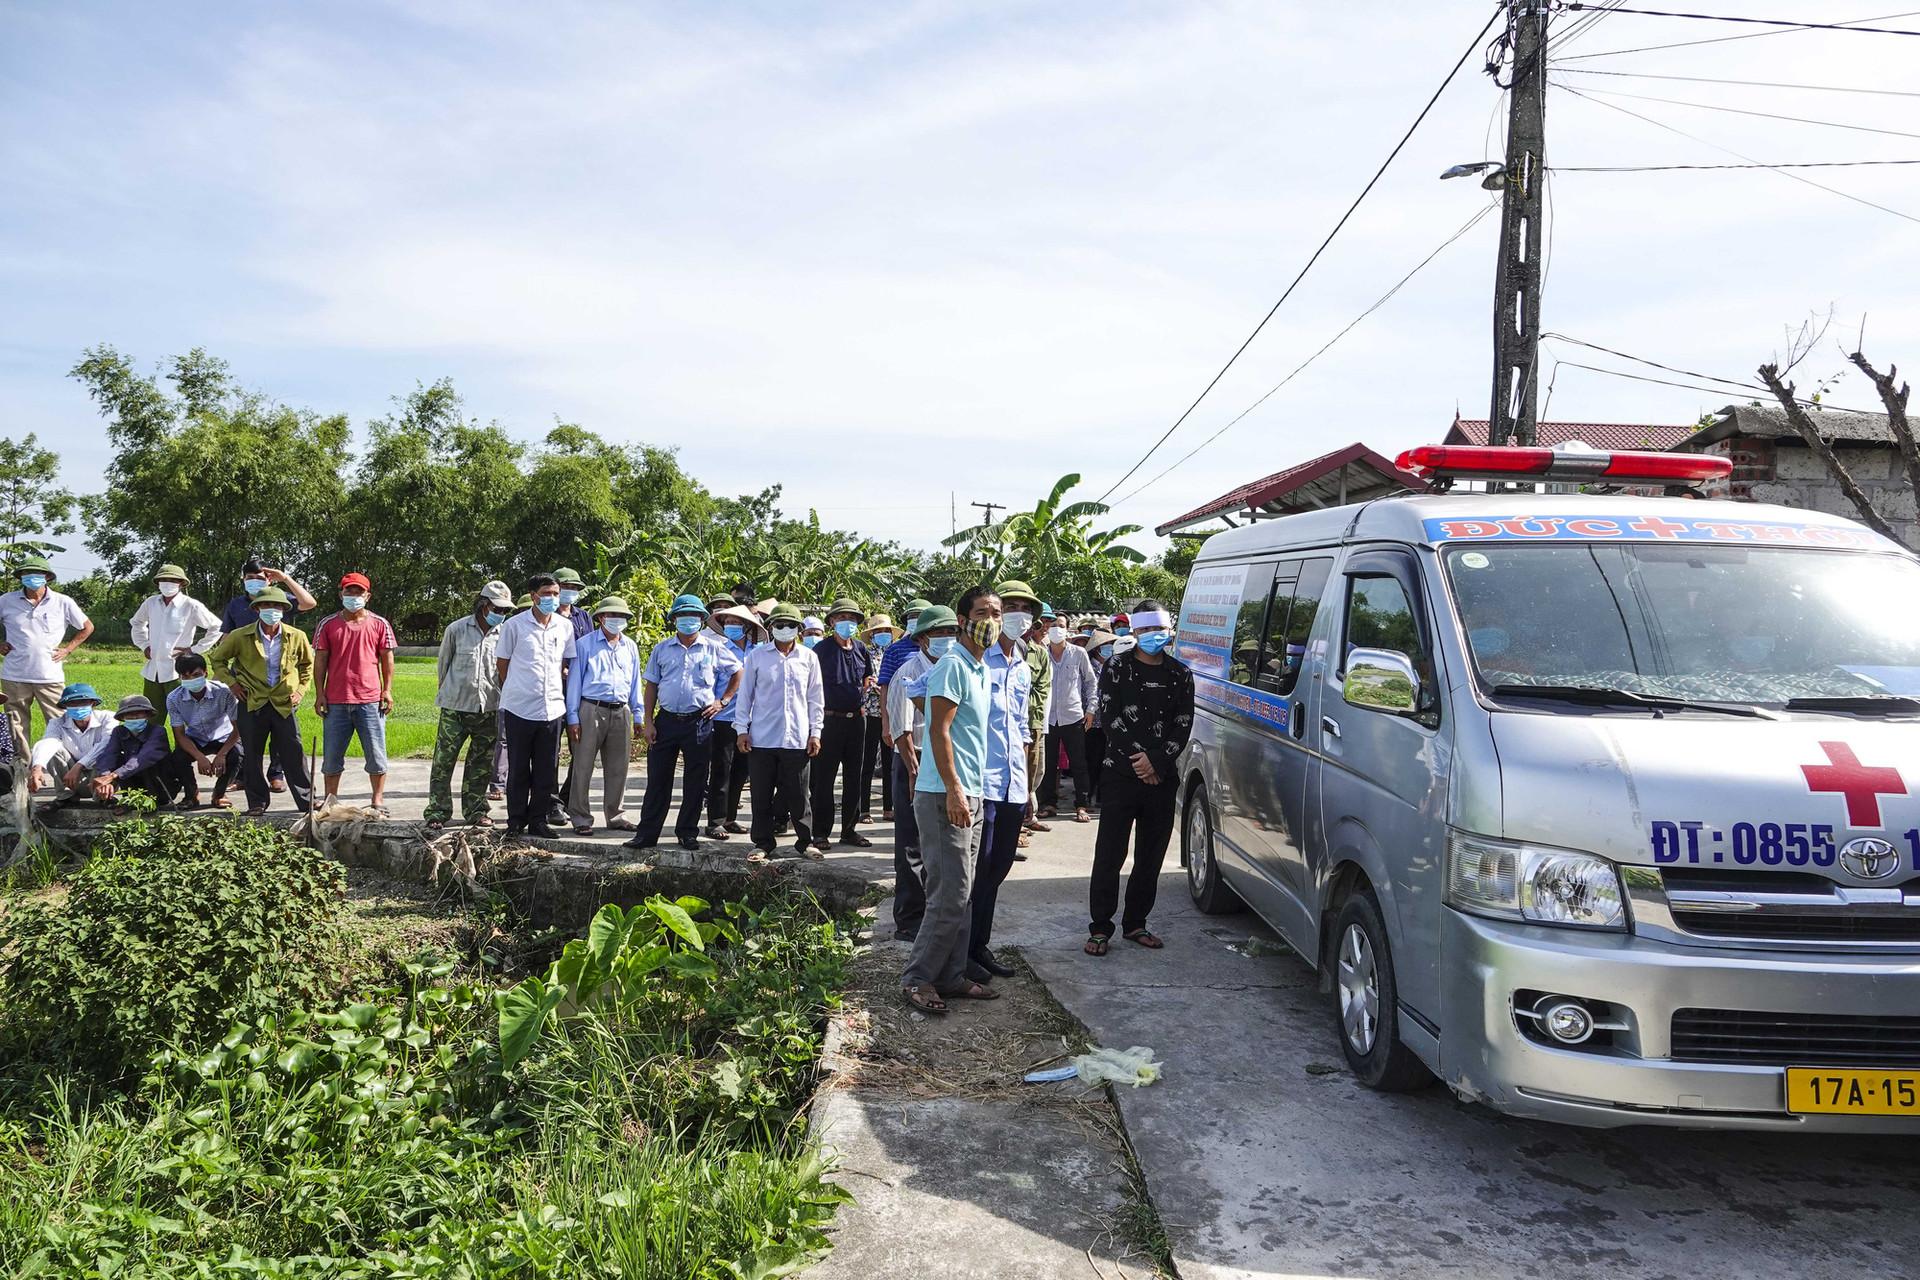 Vụ thảm án ở Thái Bình: Đám tang vội của 3 nạn nhân khiến nhiều người xót xa-1